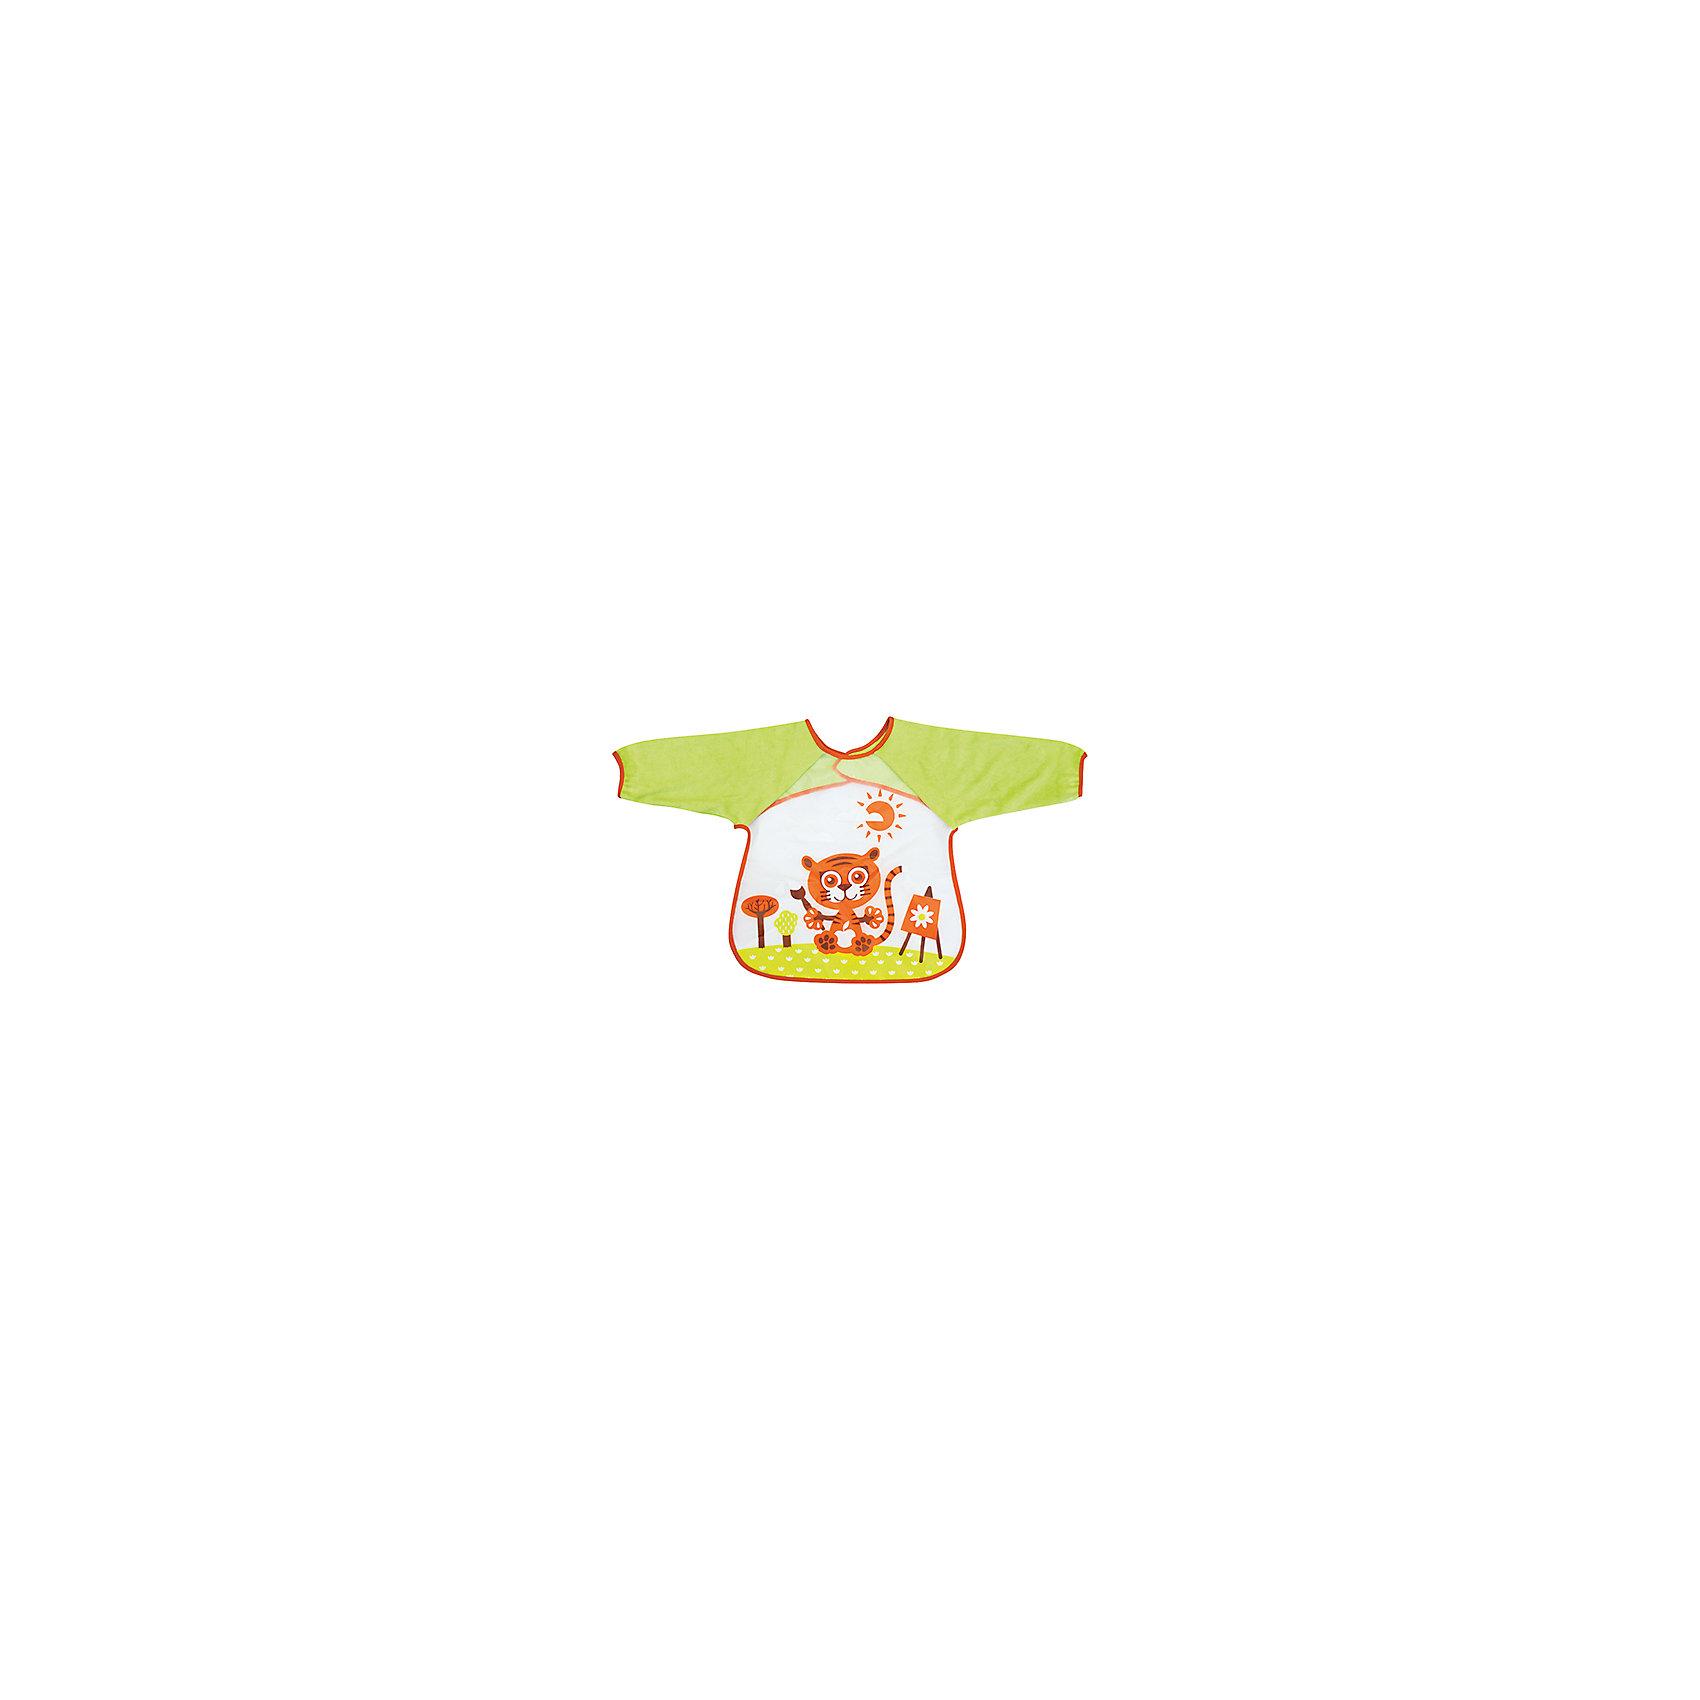 Нагрудник с рукавами В мире животных от 12 мес., LUBBYНепромокаемый нагрудник В мире животных торговой  марки LUBBY защитит одежду Вашего малыша, как время кормления, так во время творчества.  Липучка легко фиксирует нагрудник на шее ребенка и также быстро поможет  снять изделие при необходимости. Рукава на резинках позволяют сохранить ручки Малыша чистыми.  Материал нагрудника  изготовлен из мягкой клеёнки. Яркая и красивая расцветка  нагрудника превращает процесс кормления в интересную игру. Необычные  иллюстрации  на нагруднике обязательно понравятся всем малышам. Вы можете распечатать иллюстрации, изображенные на слюнявчиках LUBBY. Для этого перейдите по ссылке в раздел ИдейКА. Распечатайте раскраску и творите вместе с Вашим Малышом! <br><br>Дополнительная информация: <br><br>- состав: мягкая клеёнка (eva)<br>- срок службы: 1 год<br>- размер единичной упаковки (дхшхв) : 32 * 3 * 29<br>- размер нагрудника: 35*43см.<br><br>Нагрудник с карманом на завязках В мире животных торговой  марки LUBBY можно купить в нашем интернет-магазине.<br><br>Ширина мм: 15<br>Глубина мм: 10<br>Высота мм: 210<br>Вес г: 350<br>Возраст от месяцев: 0<br>Возраст до месяцев: 36<br>Пол: Унисекс<br>Возраст: Детский<br>SKU: 4801567